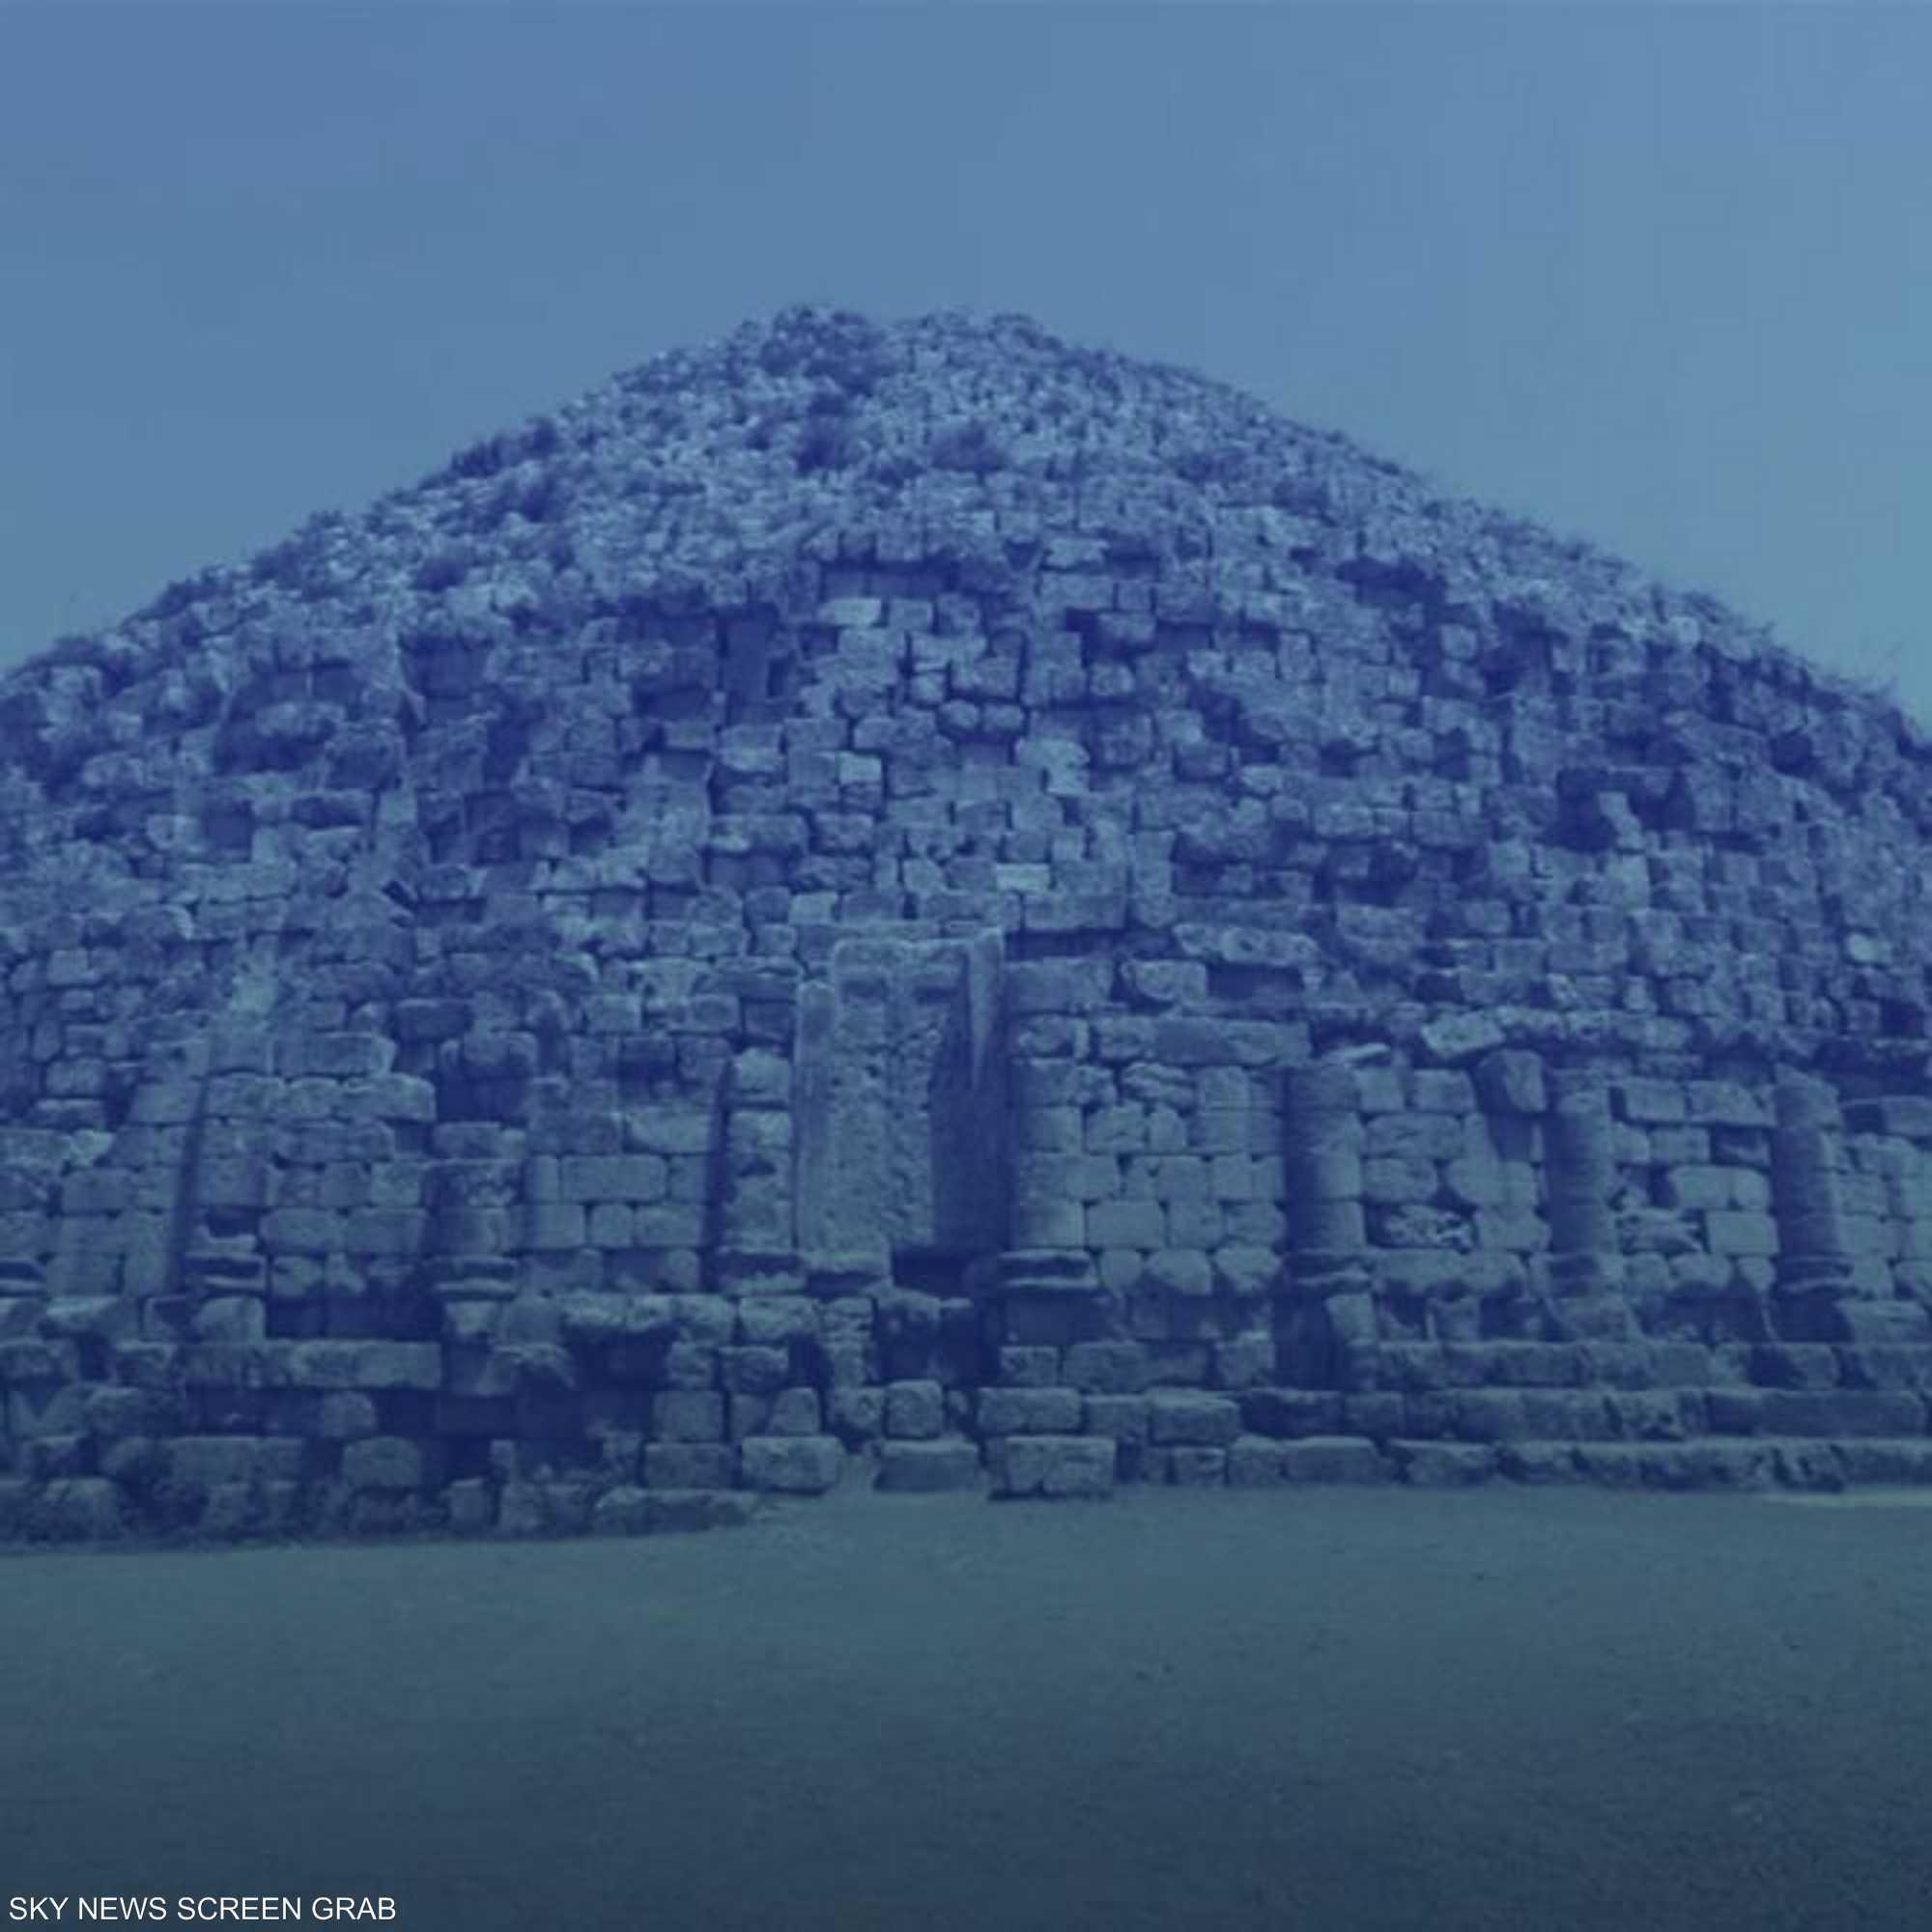 ما هي قصة أهرامات الجزائر؟